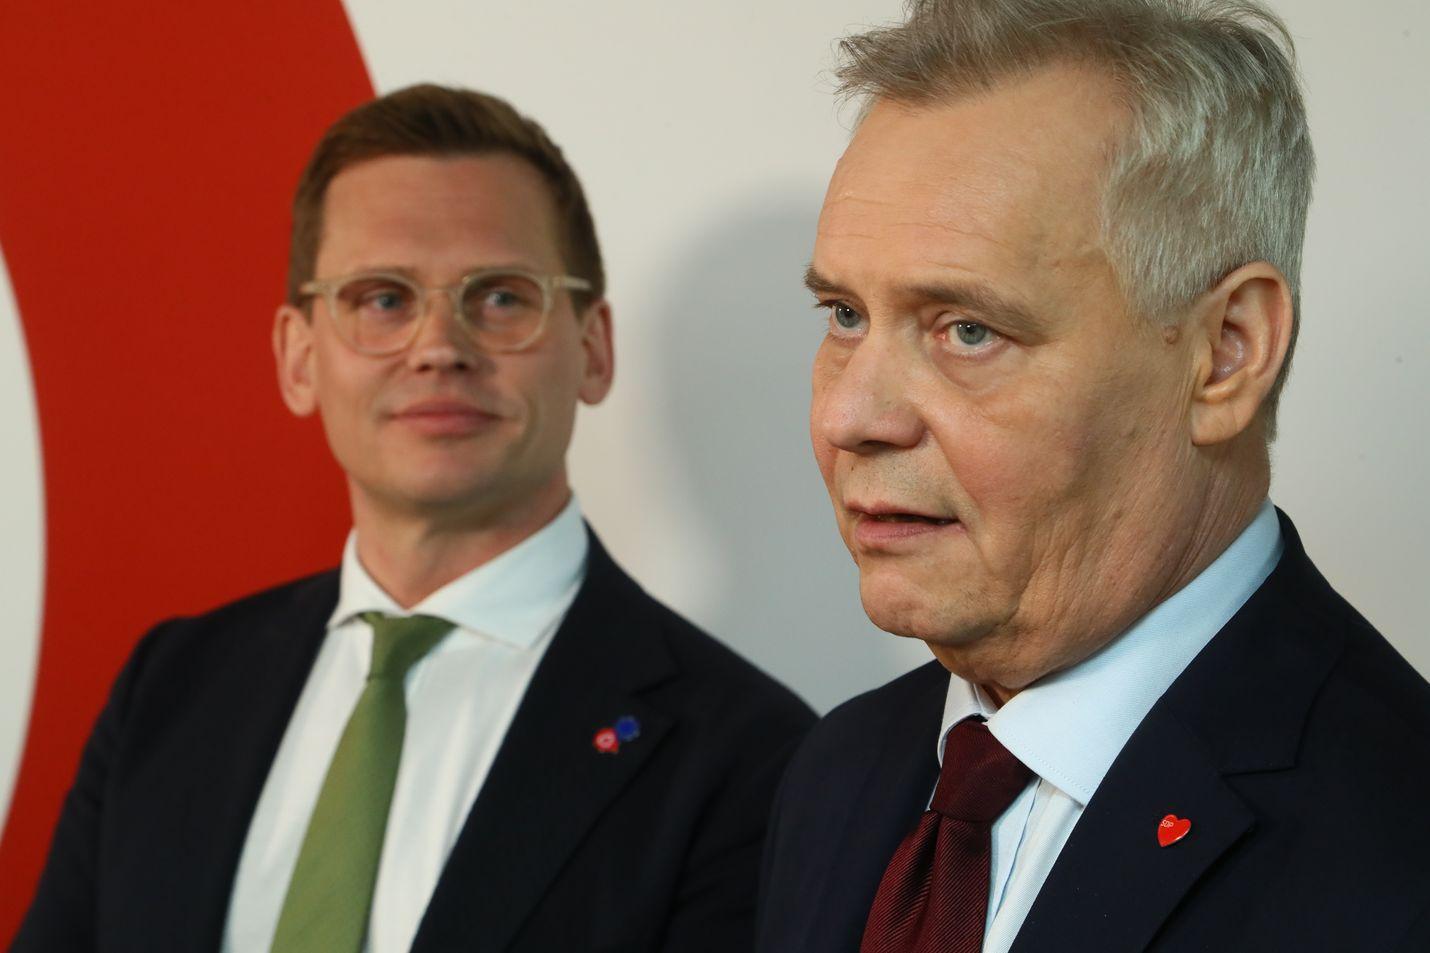 Hallitus koossa toukokuun loppuun mennessä? Sdp:n puoluesihteeri Antton Rönnholm ja puheenjohtaja Antti Rinne asettivat vaalien jälkeisiä tavoitteita kahvitilaisuudessa.